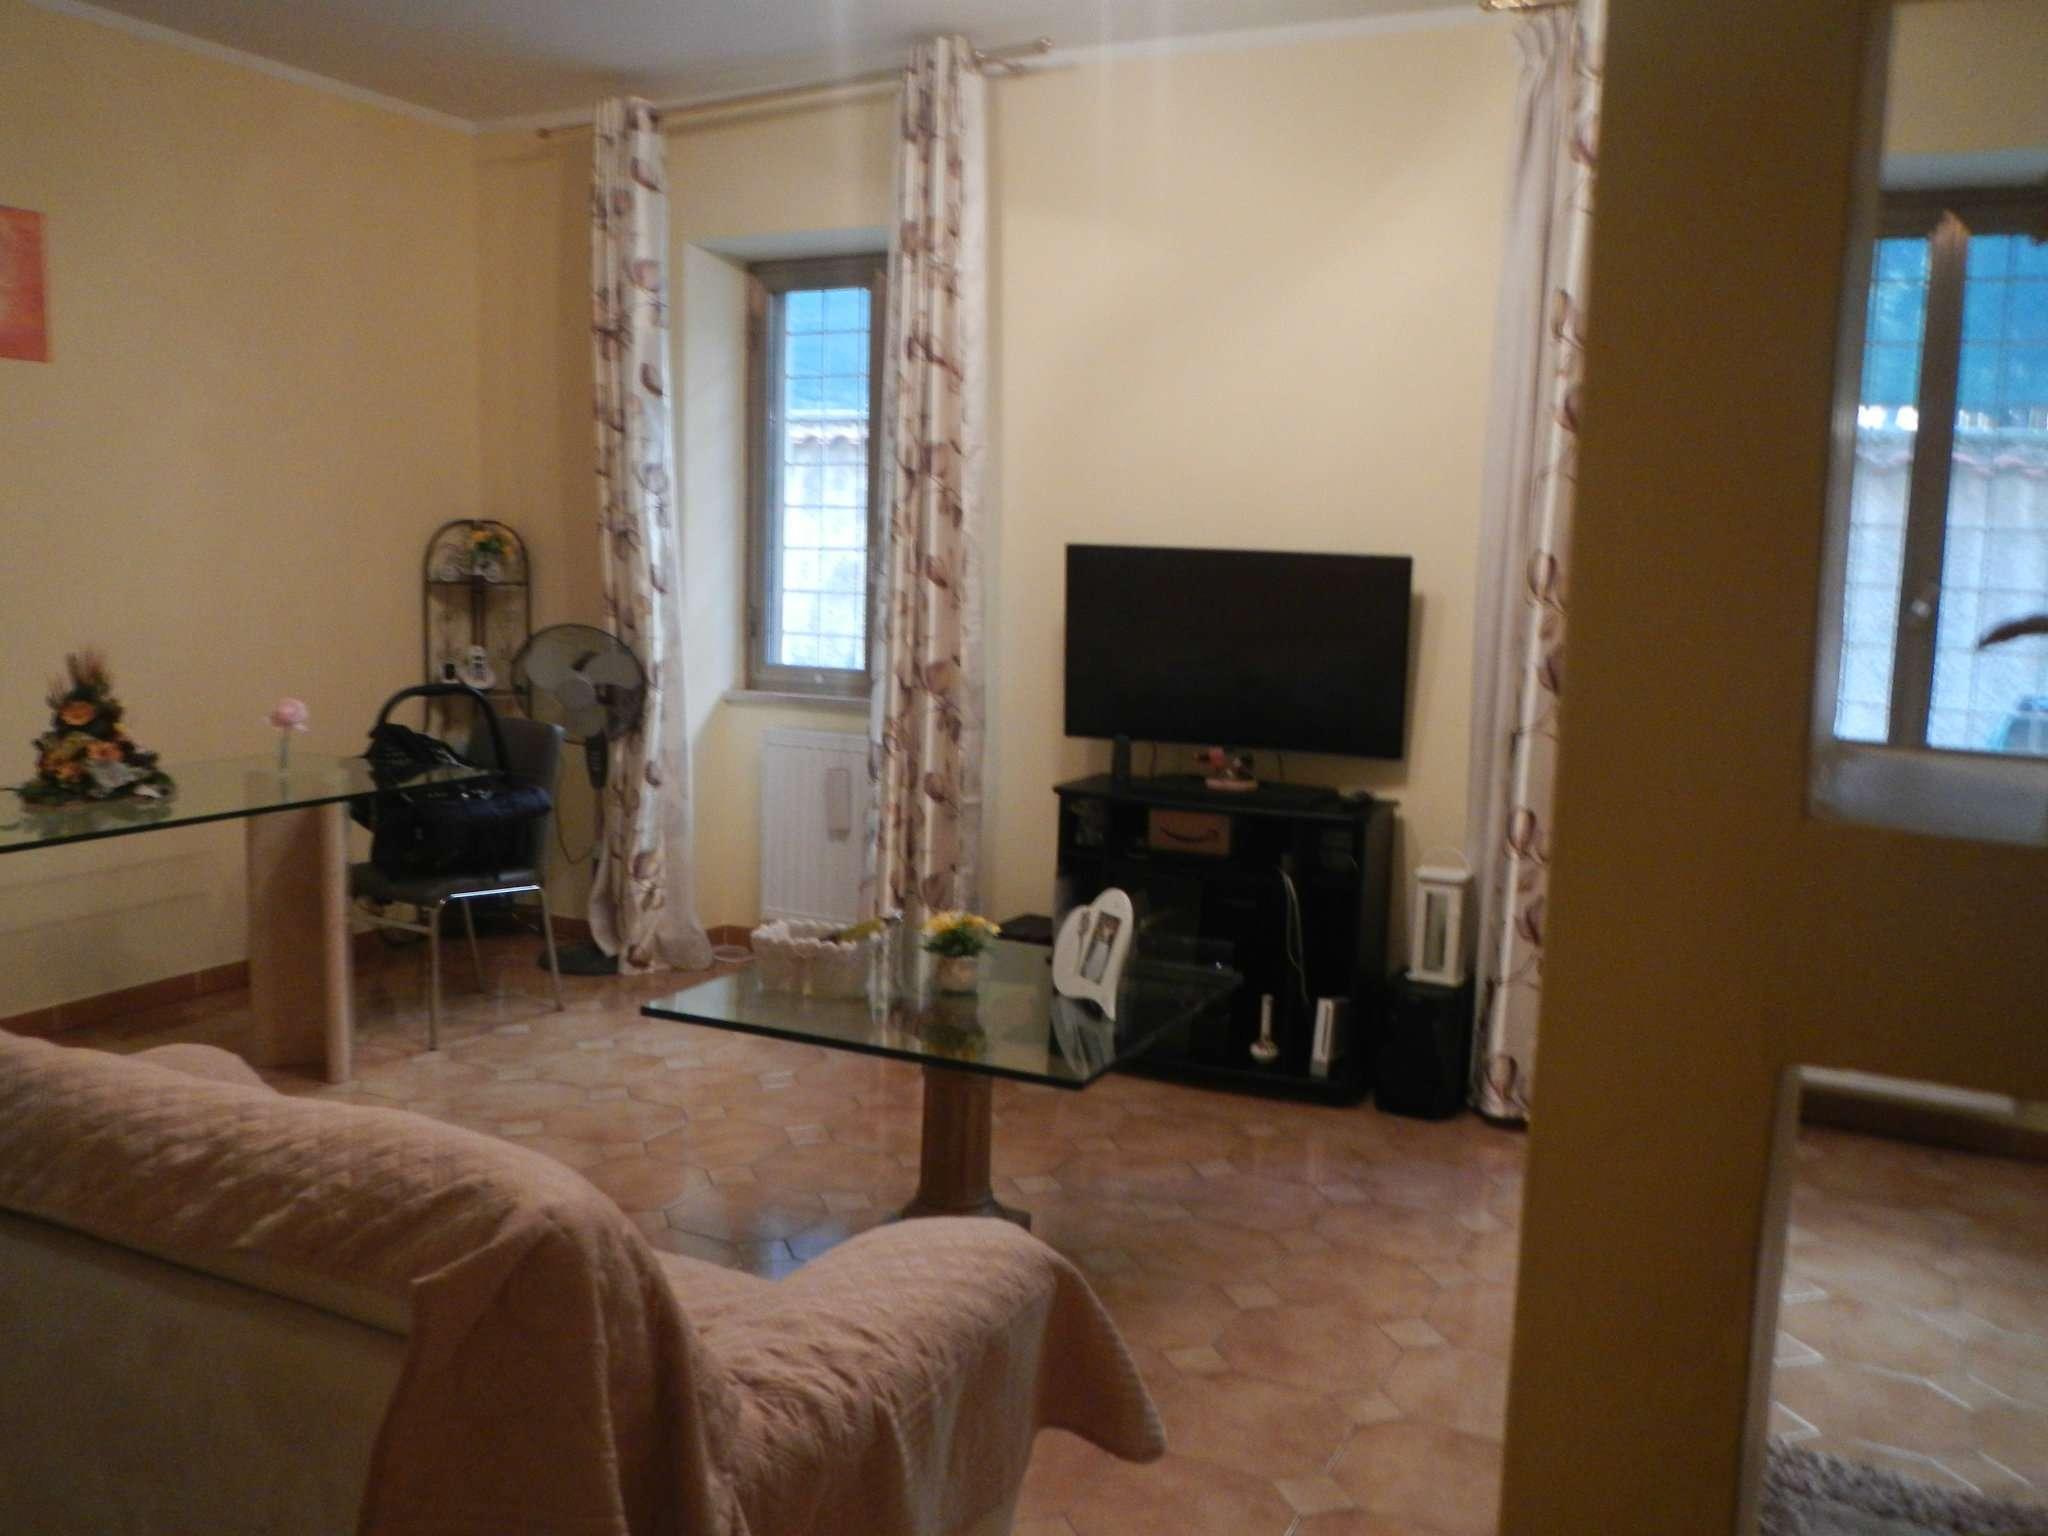 Appartamento in vendita a Roma, 4 locali, zona Zona: 33 . Quarto Casale, Labaro, Valle Muricana, Prima Porta, prezzo € 250.000 | CambioCasa.it